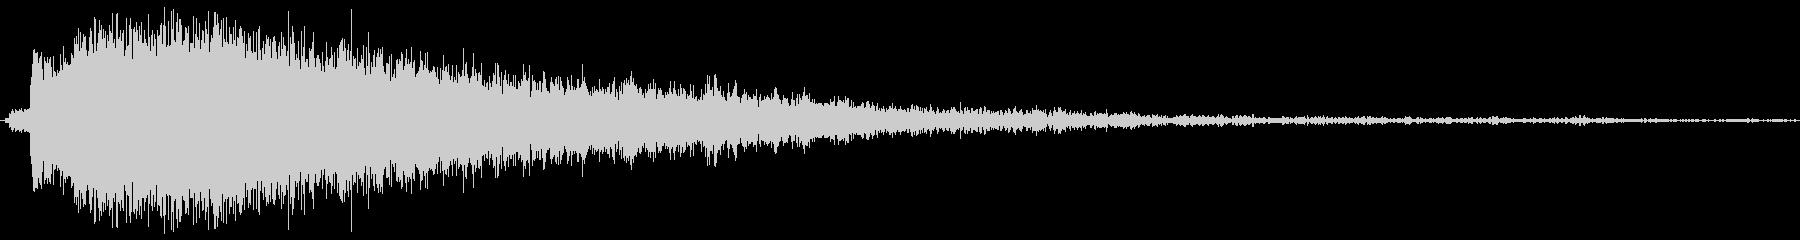 ショックファイア;警告ビープ音、ヘ...の未再生の波形